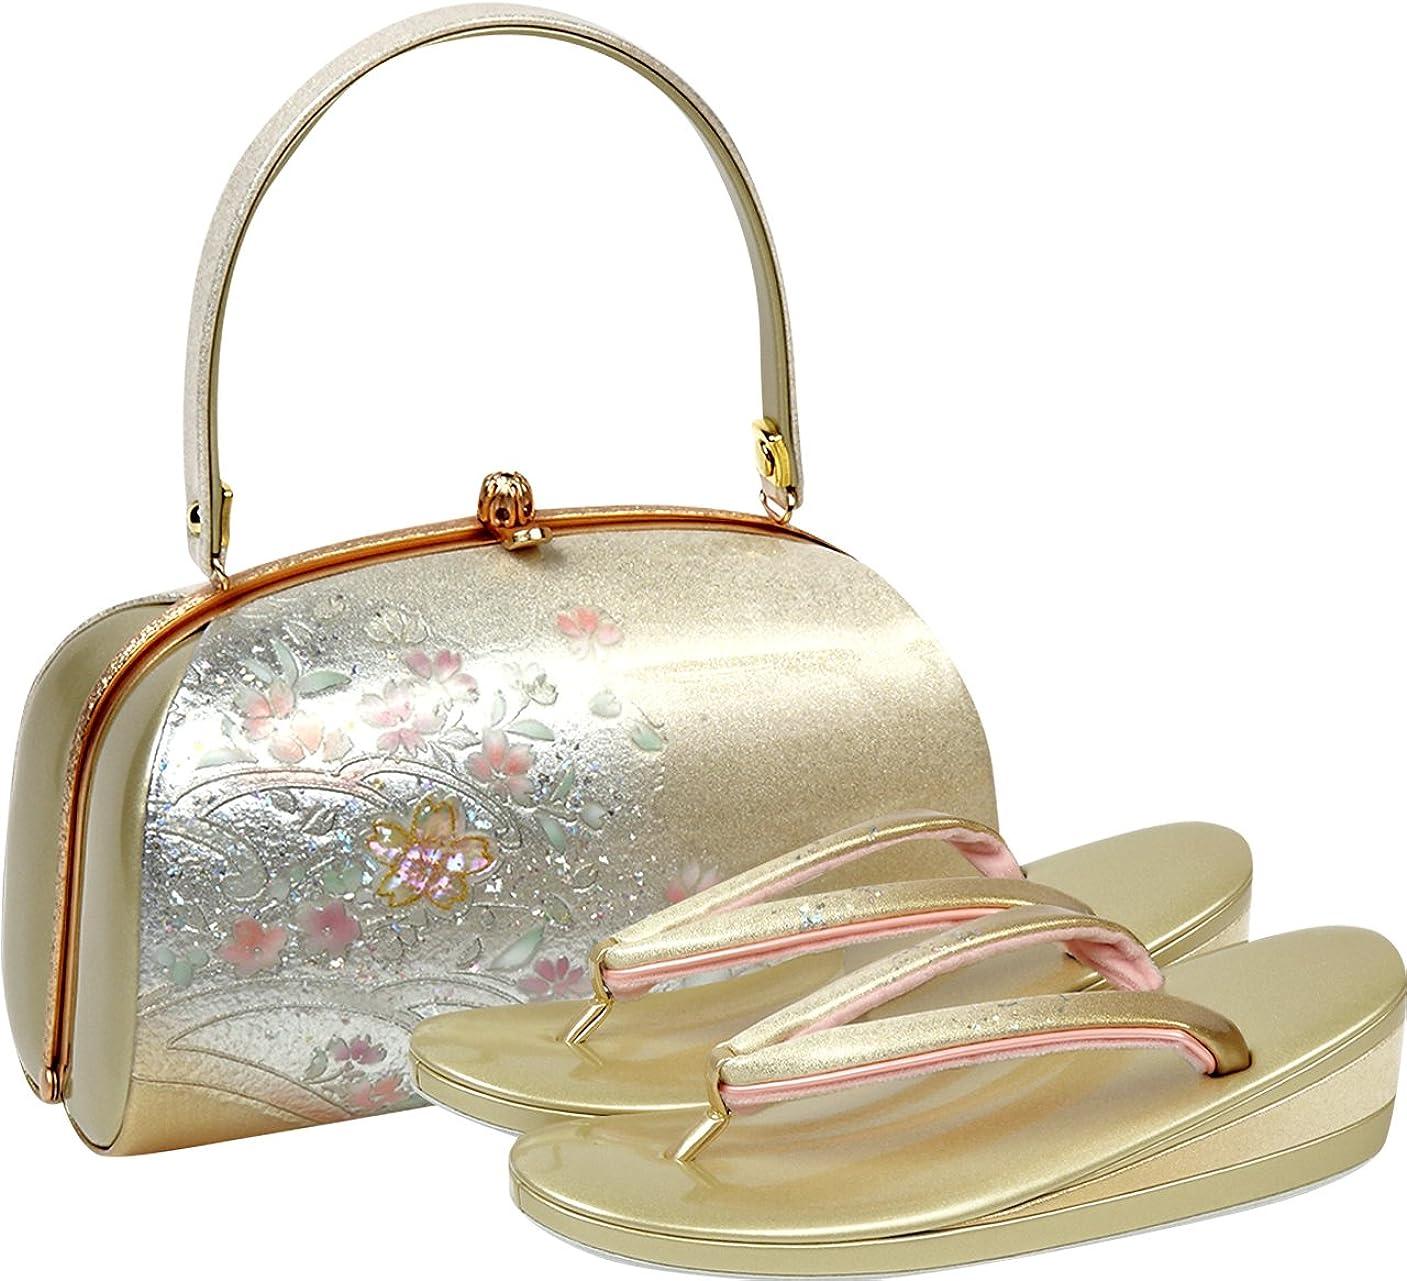 緑枯渇悲観的草履バッグセット レディース Fサイズ 螺鈿 桜 ゴールド N1935